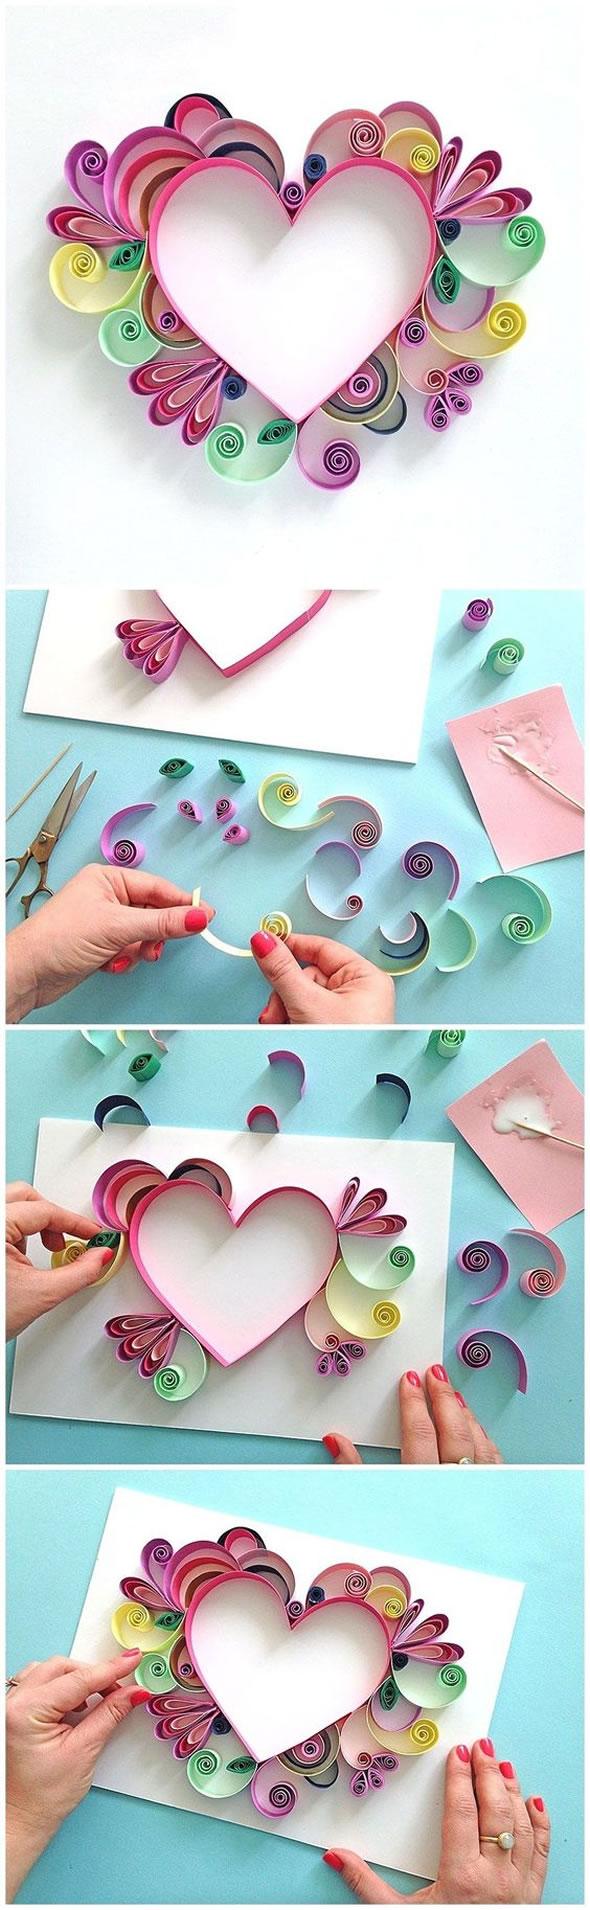 Decoração com Coração de Papel Colorido para o Dia das Mães